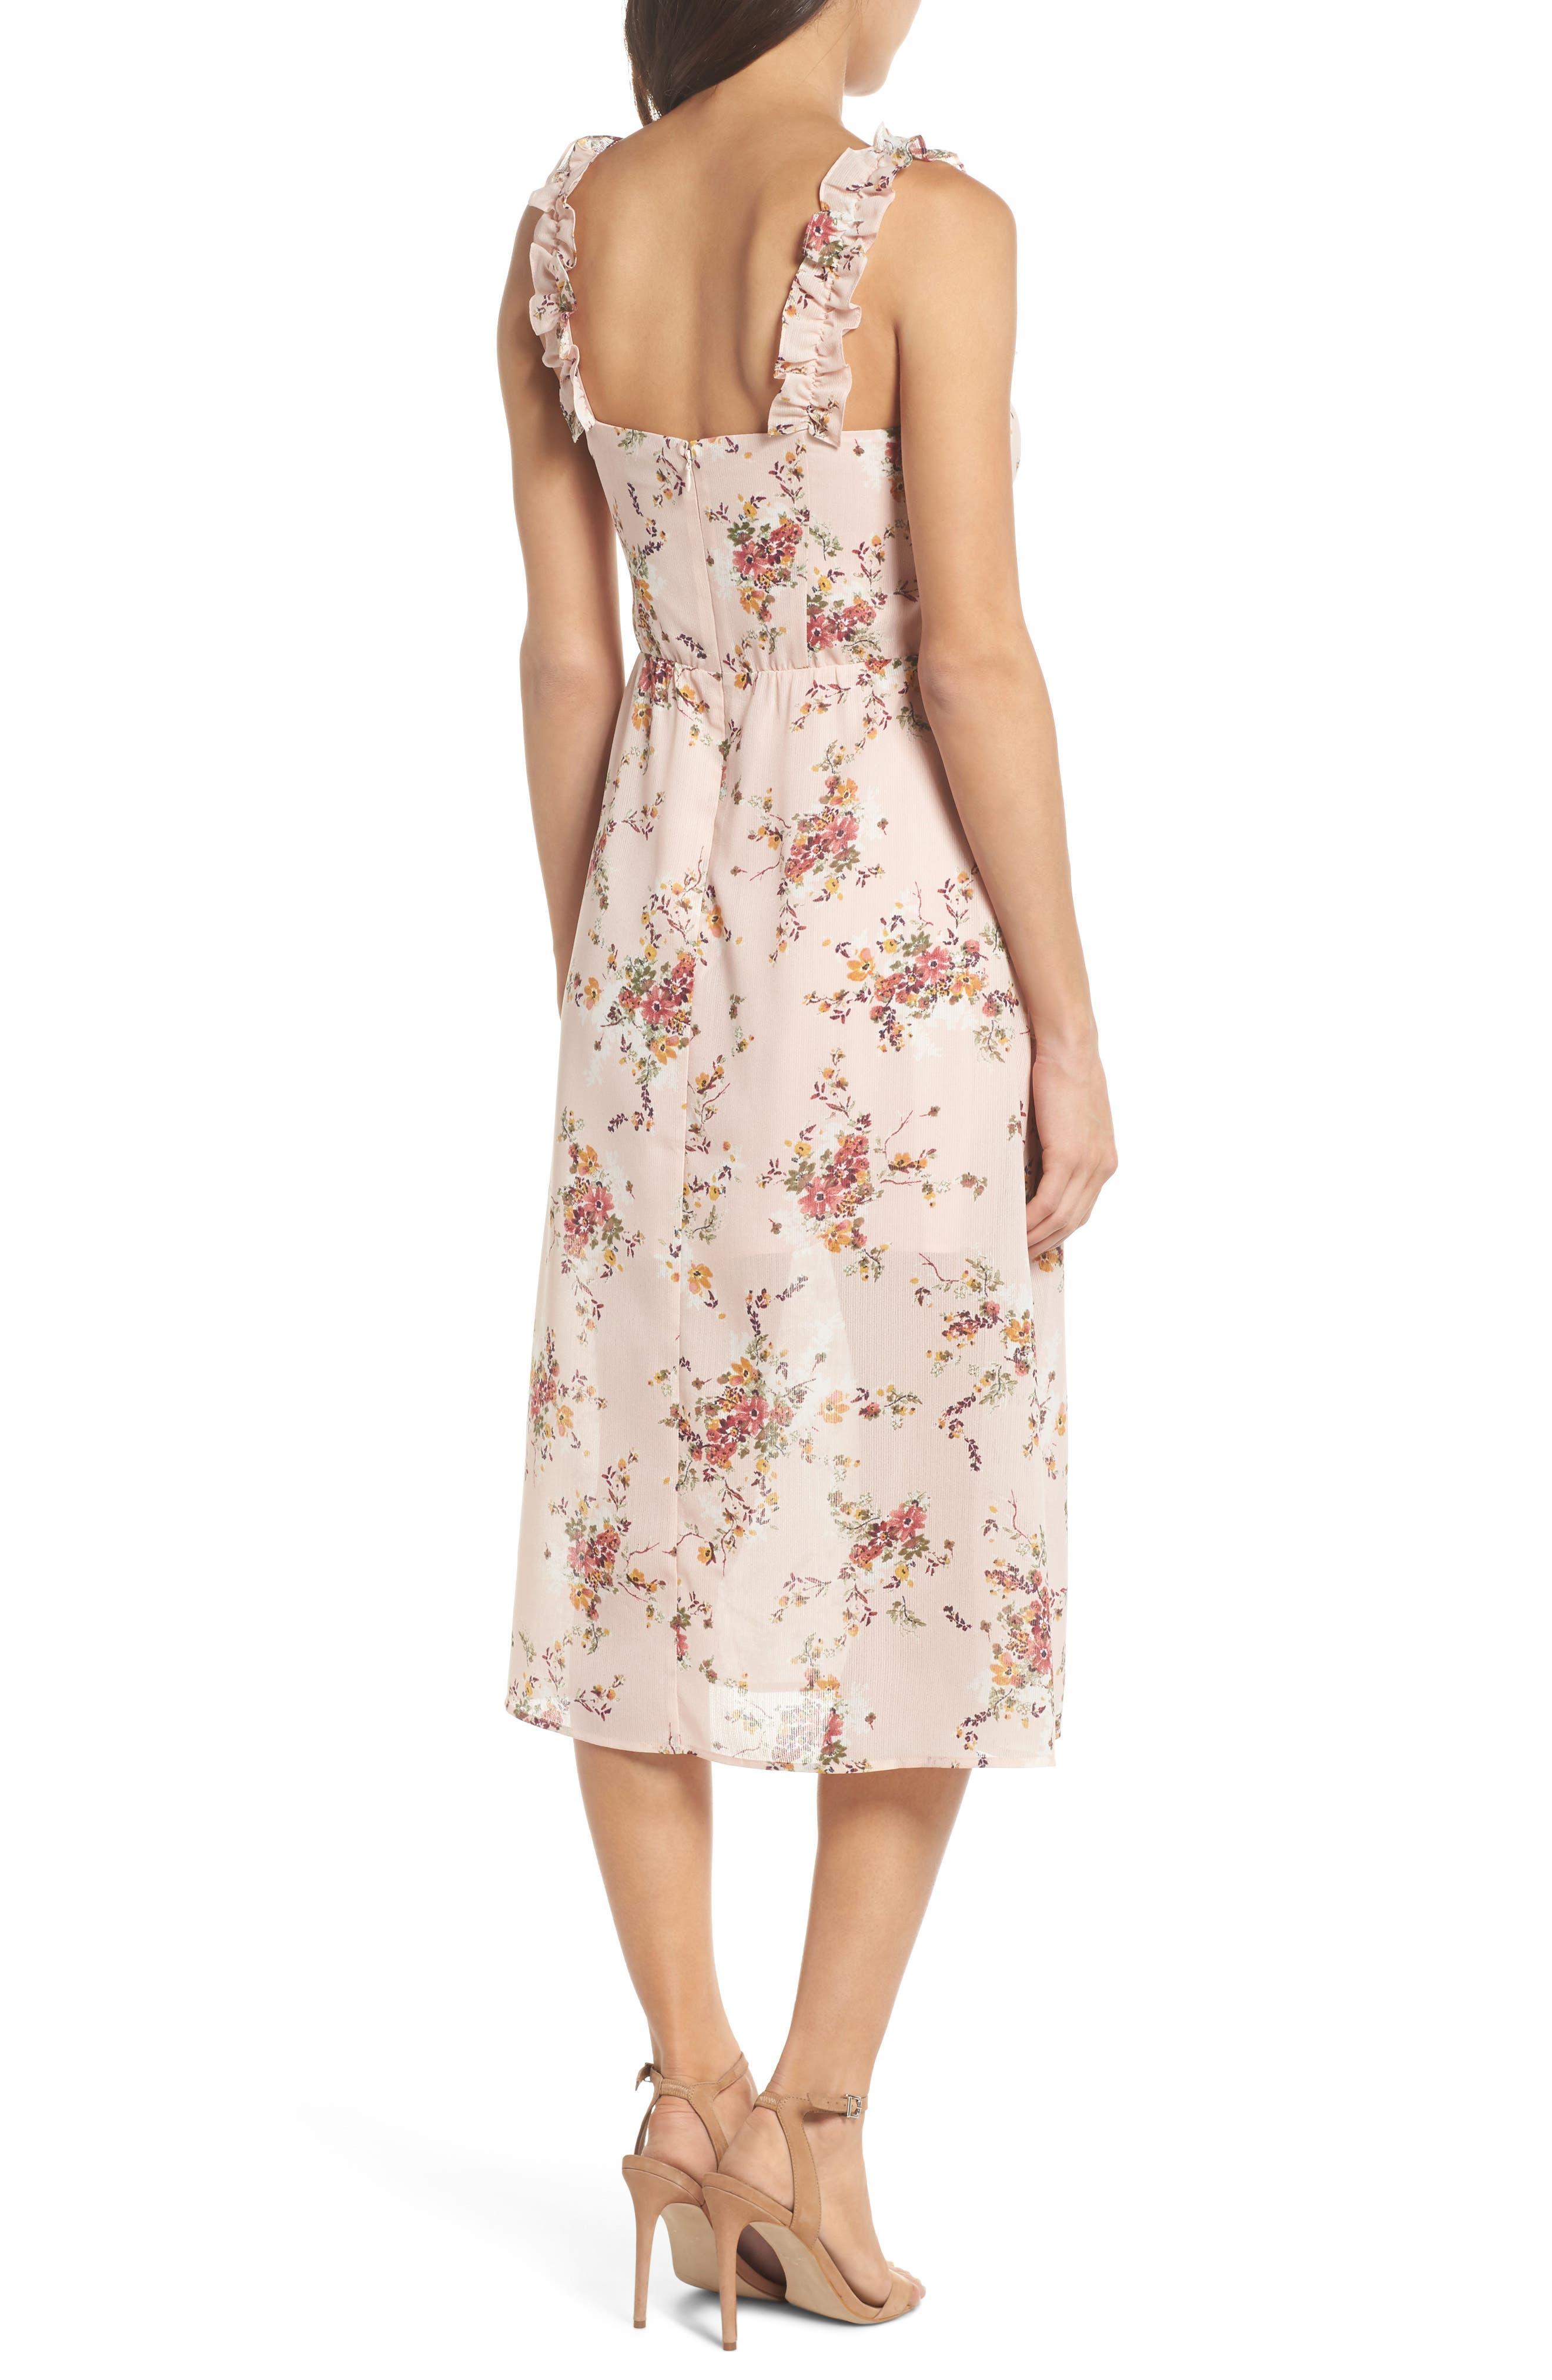 Atwater Village Midi Dress,                             Alternate thumbnail 2, color,                             Blush Vintage Bouquet